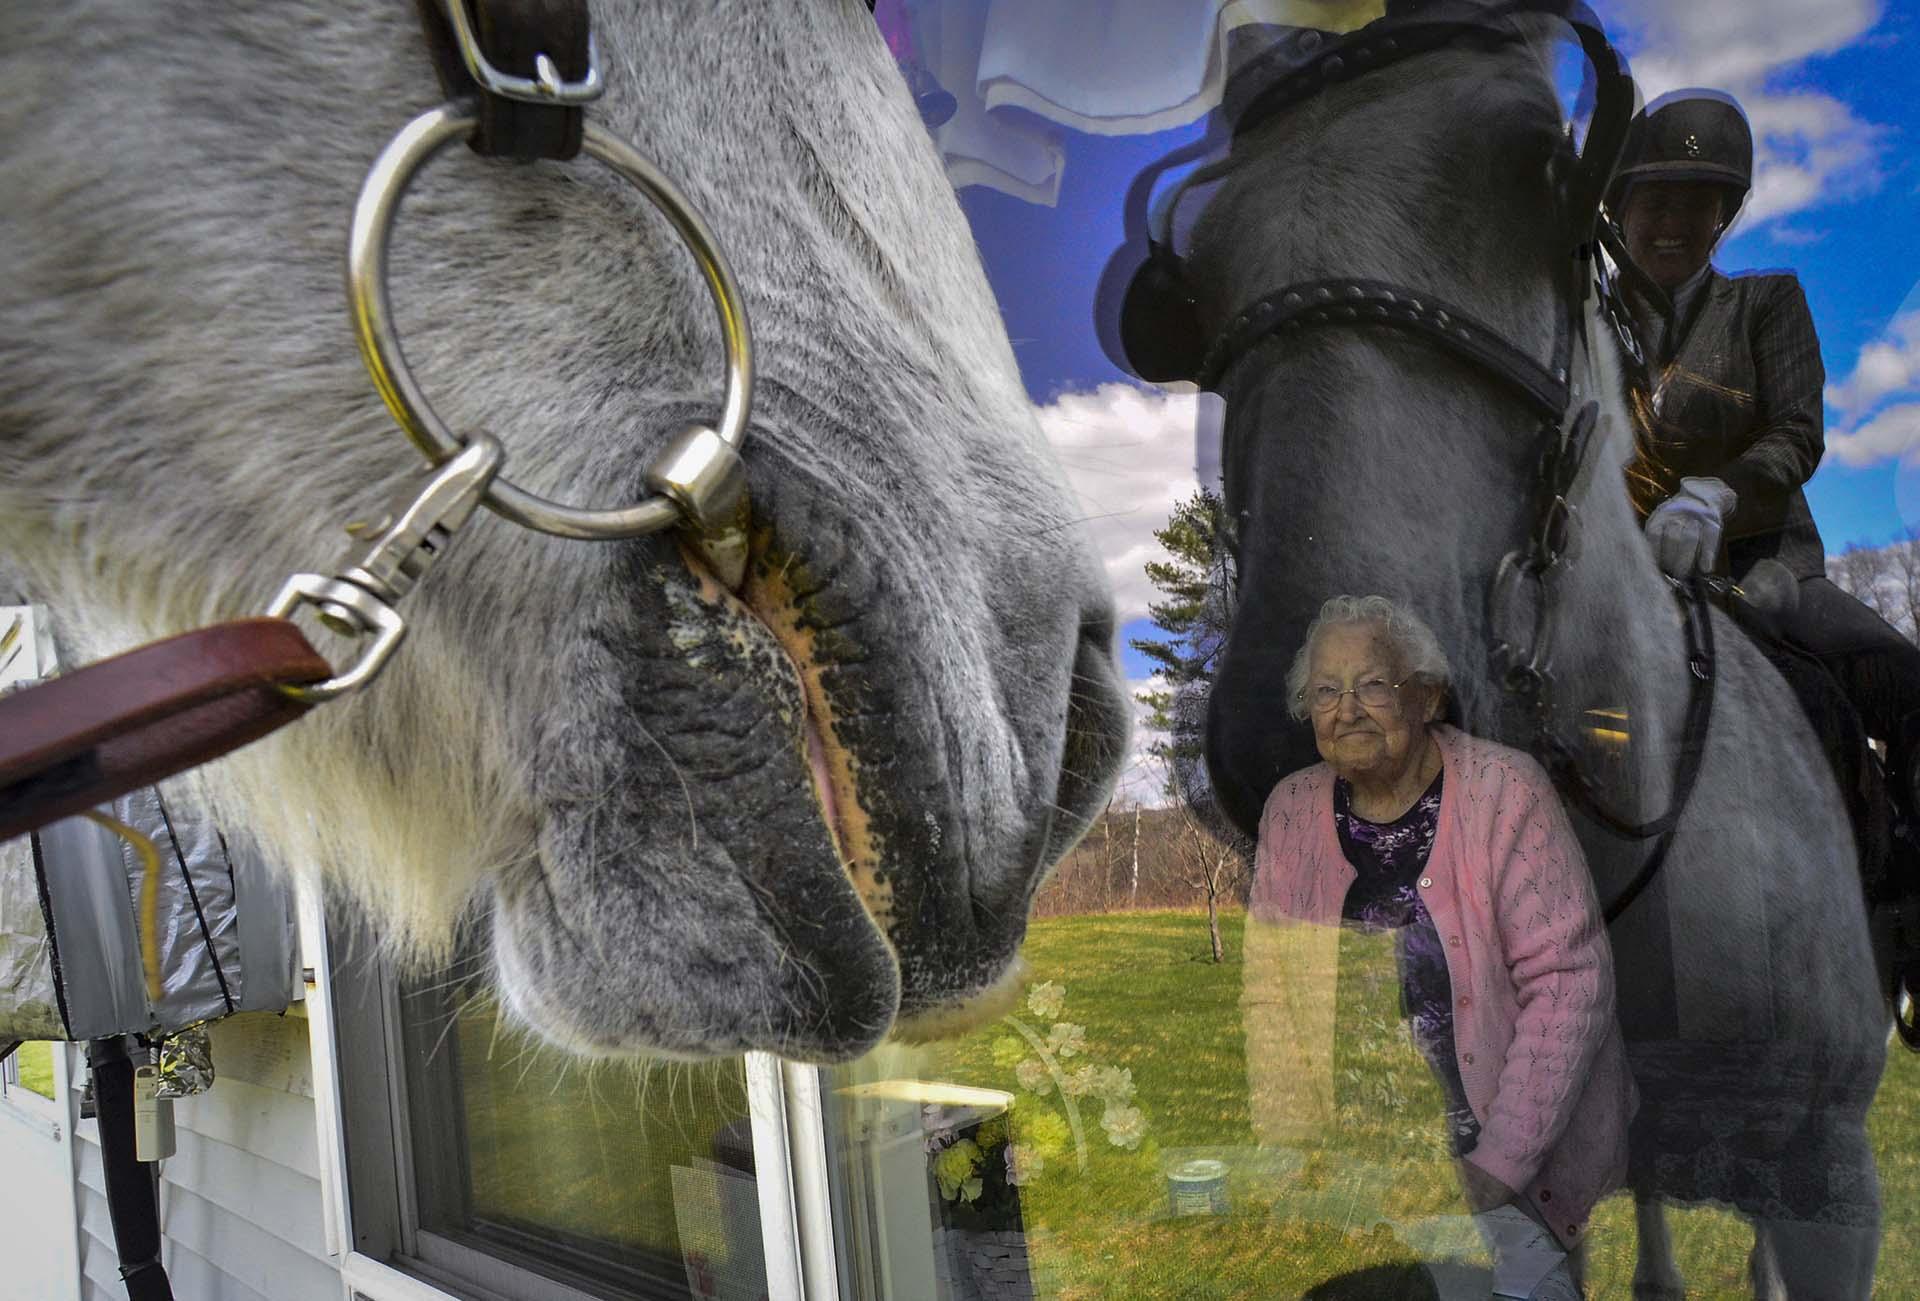 Una residente de un hogar para mayores en Vermont mira por la ventana mientras una mujer se acerca montando a un caballo (Kristopher Radder/The Brattleboro Reformer via AP)